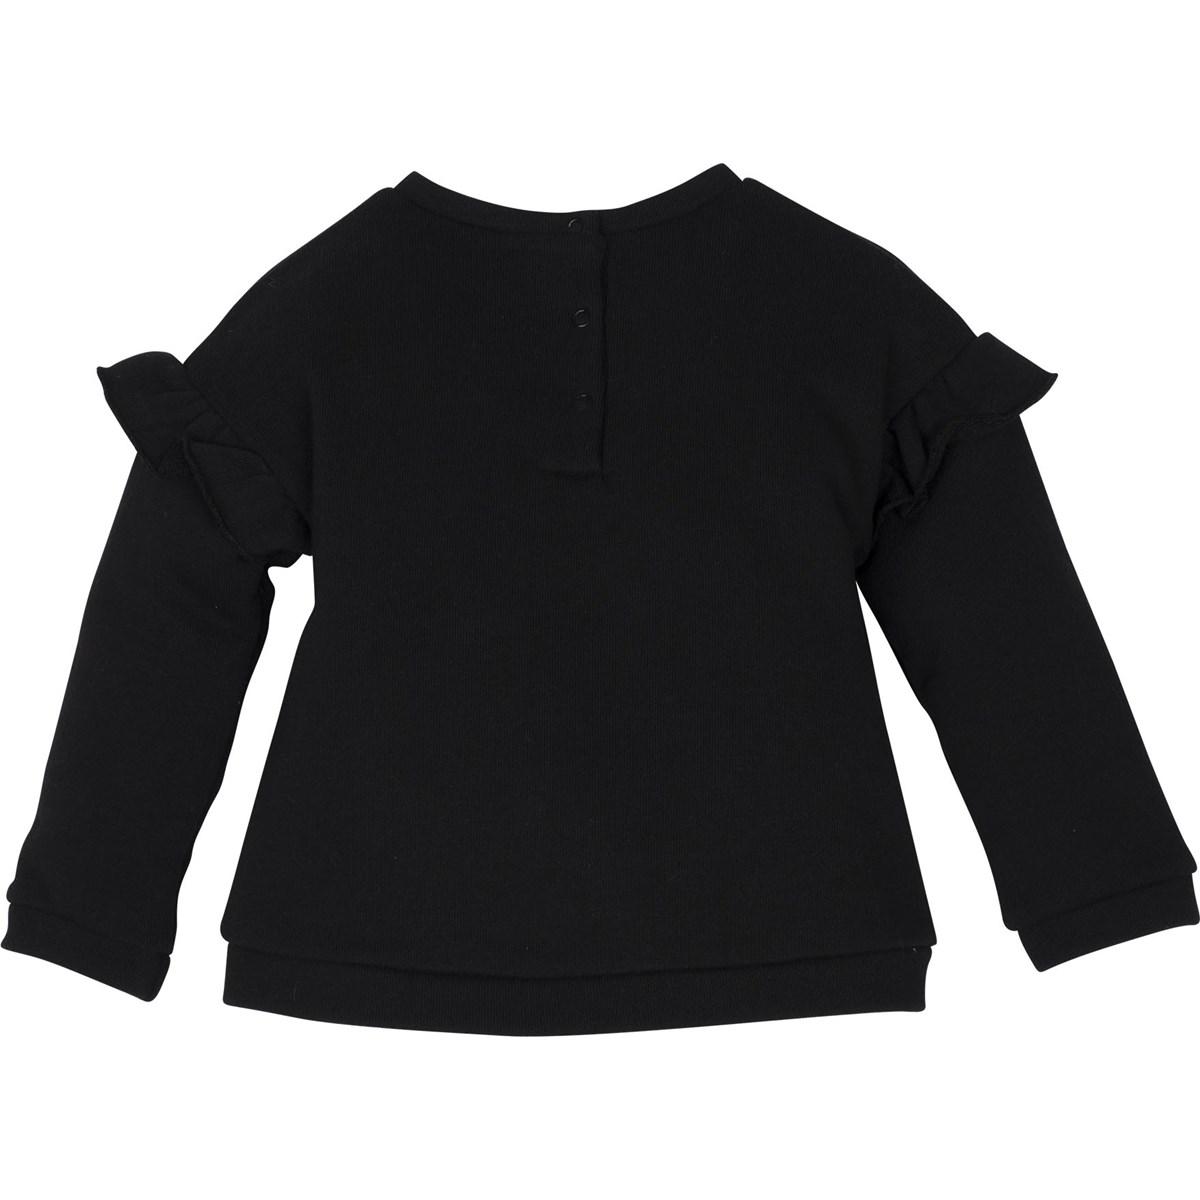 12469 Sweatshirt 2